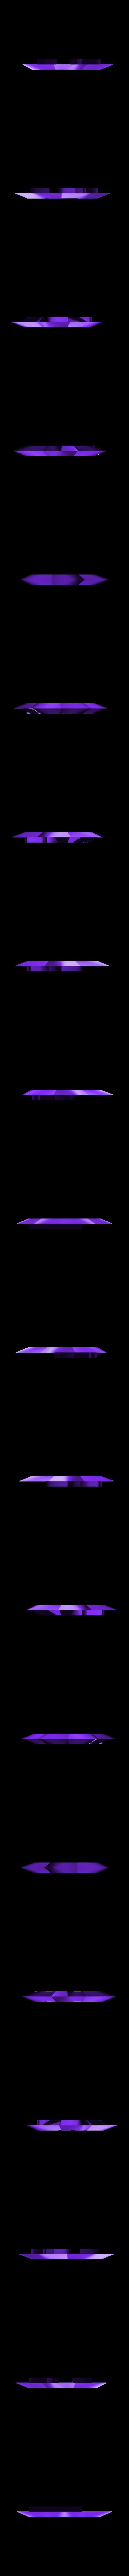 DAOKO Star.stl Télécharger fichier STL Baguette DAOKO Girl Star • Design à imprimer en 3D, httpkoopa